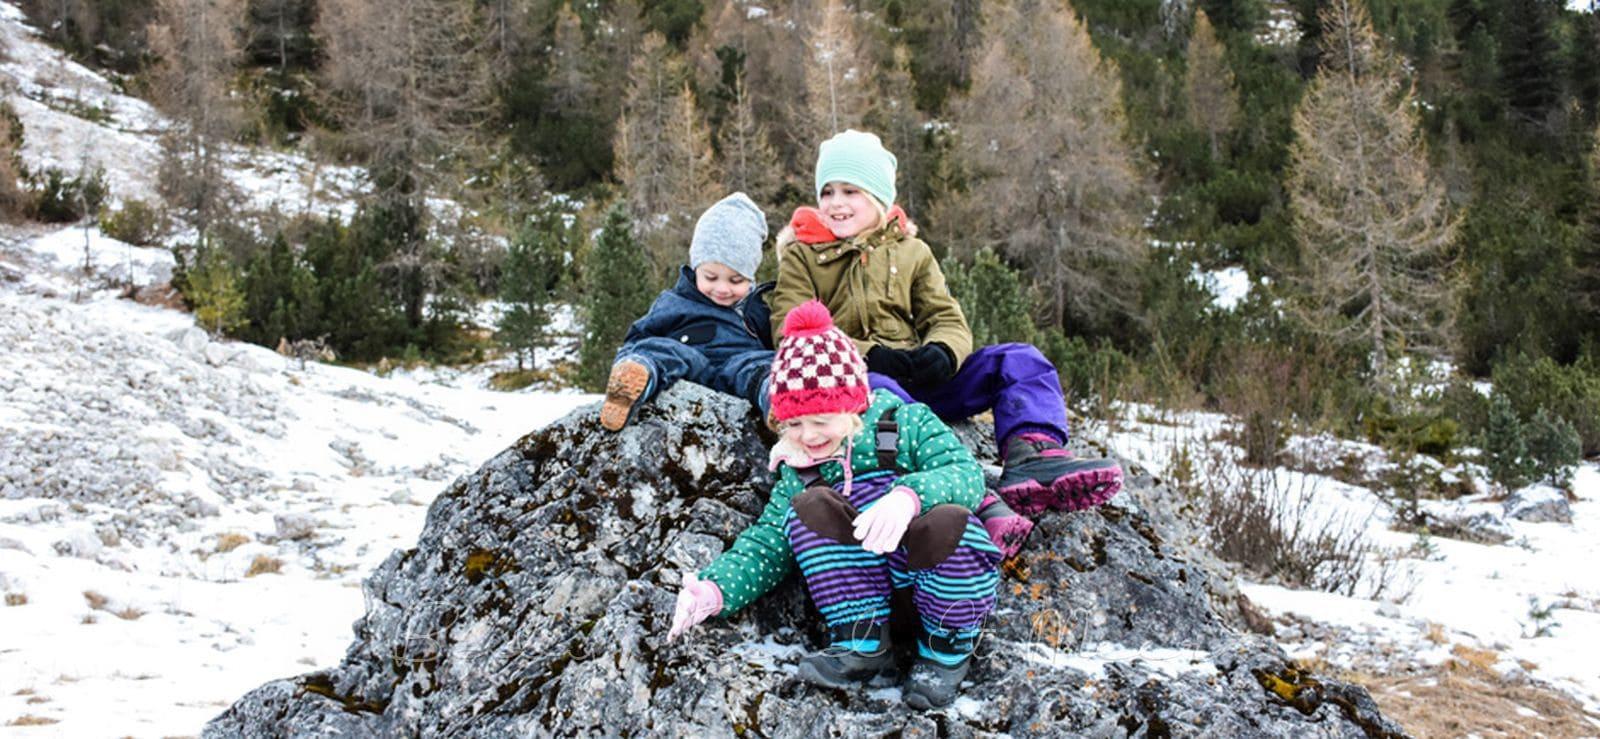 Winterurlaub Mit Kindern In Den Bergen